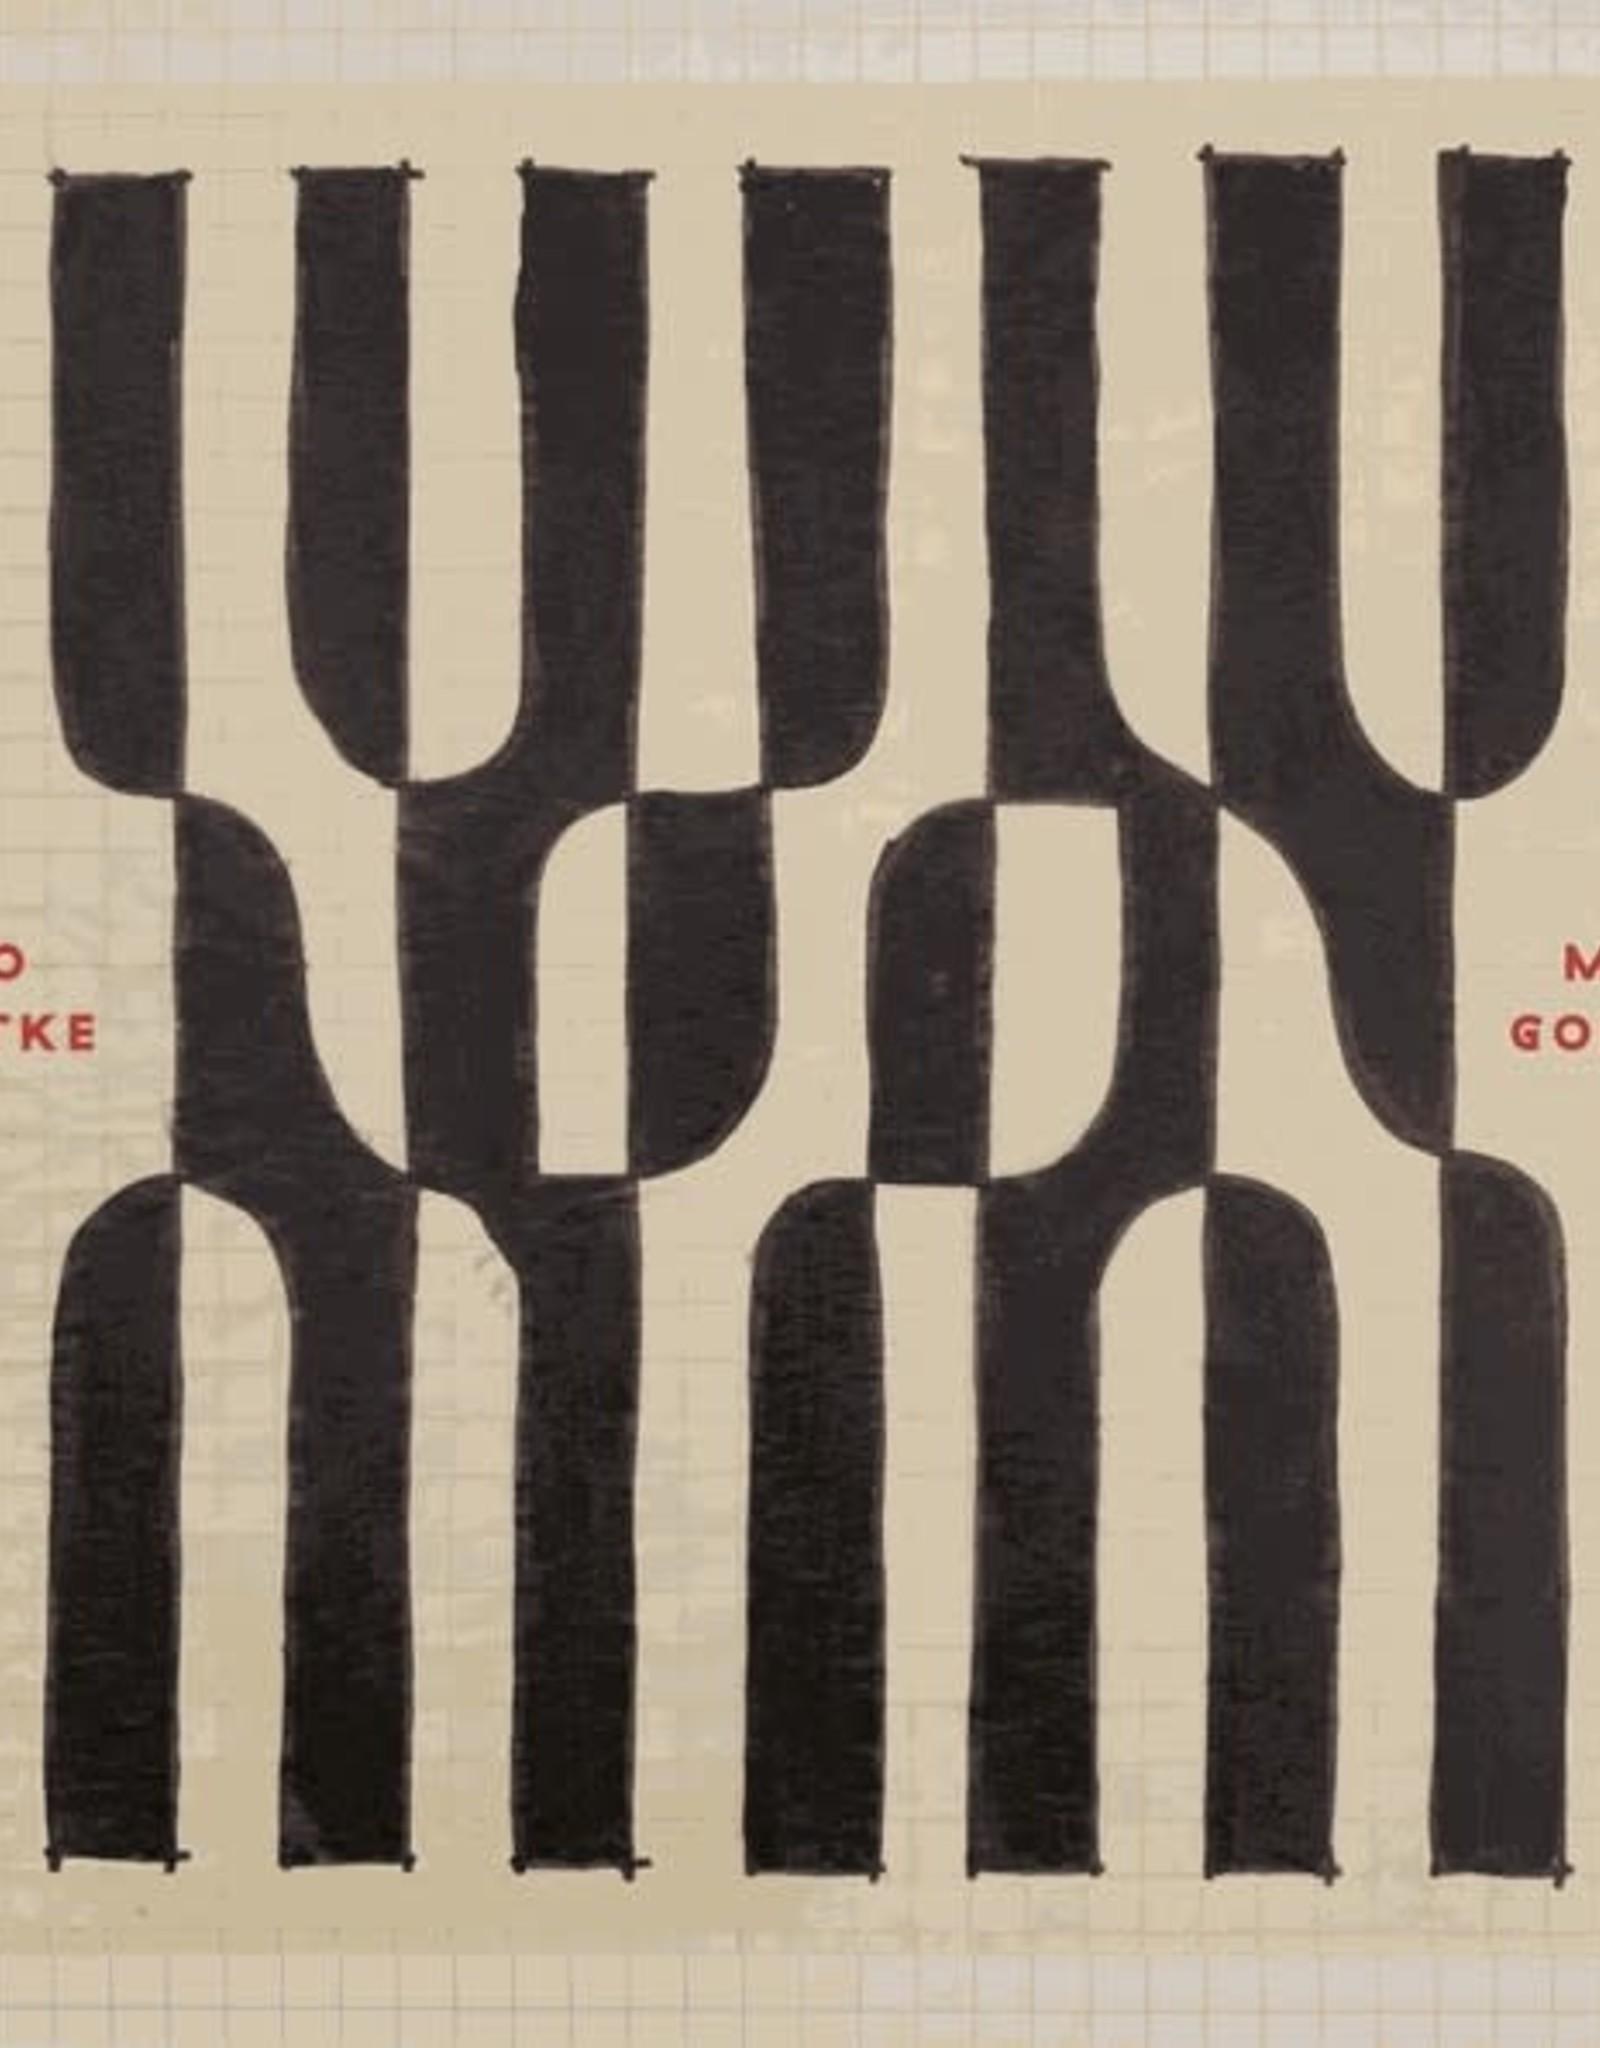 Leo Kottke/Mike Gordon - Noon